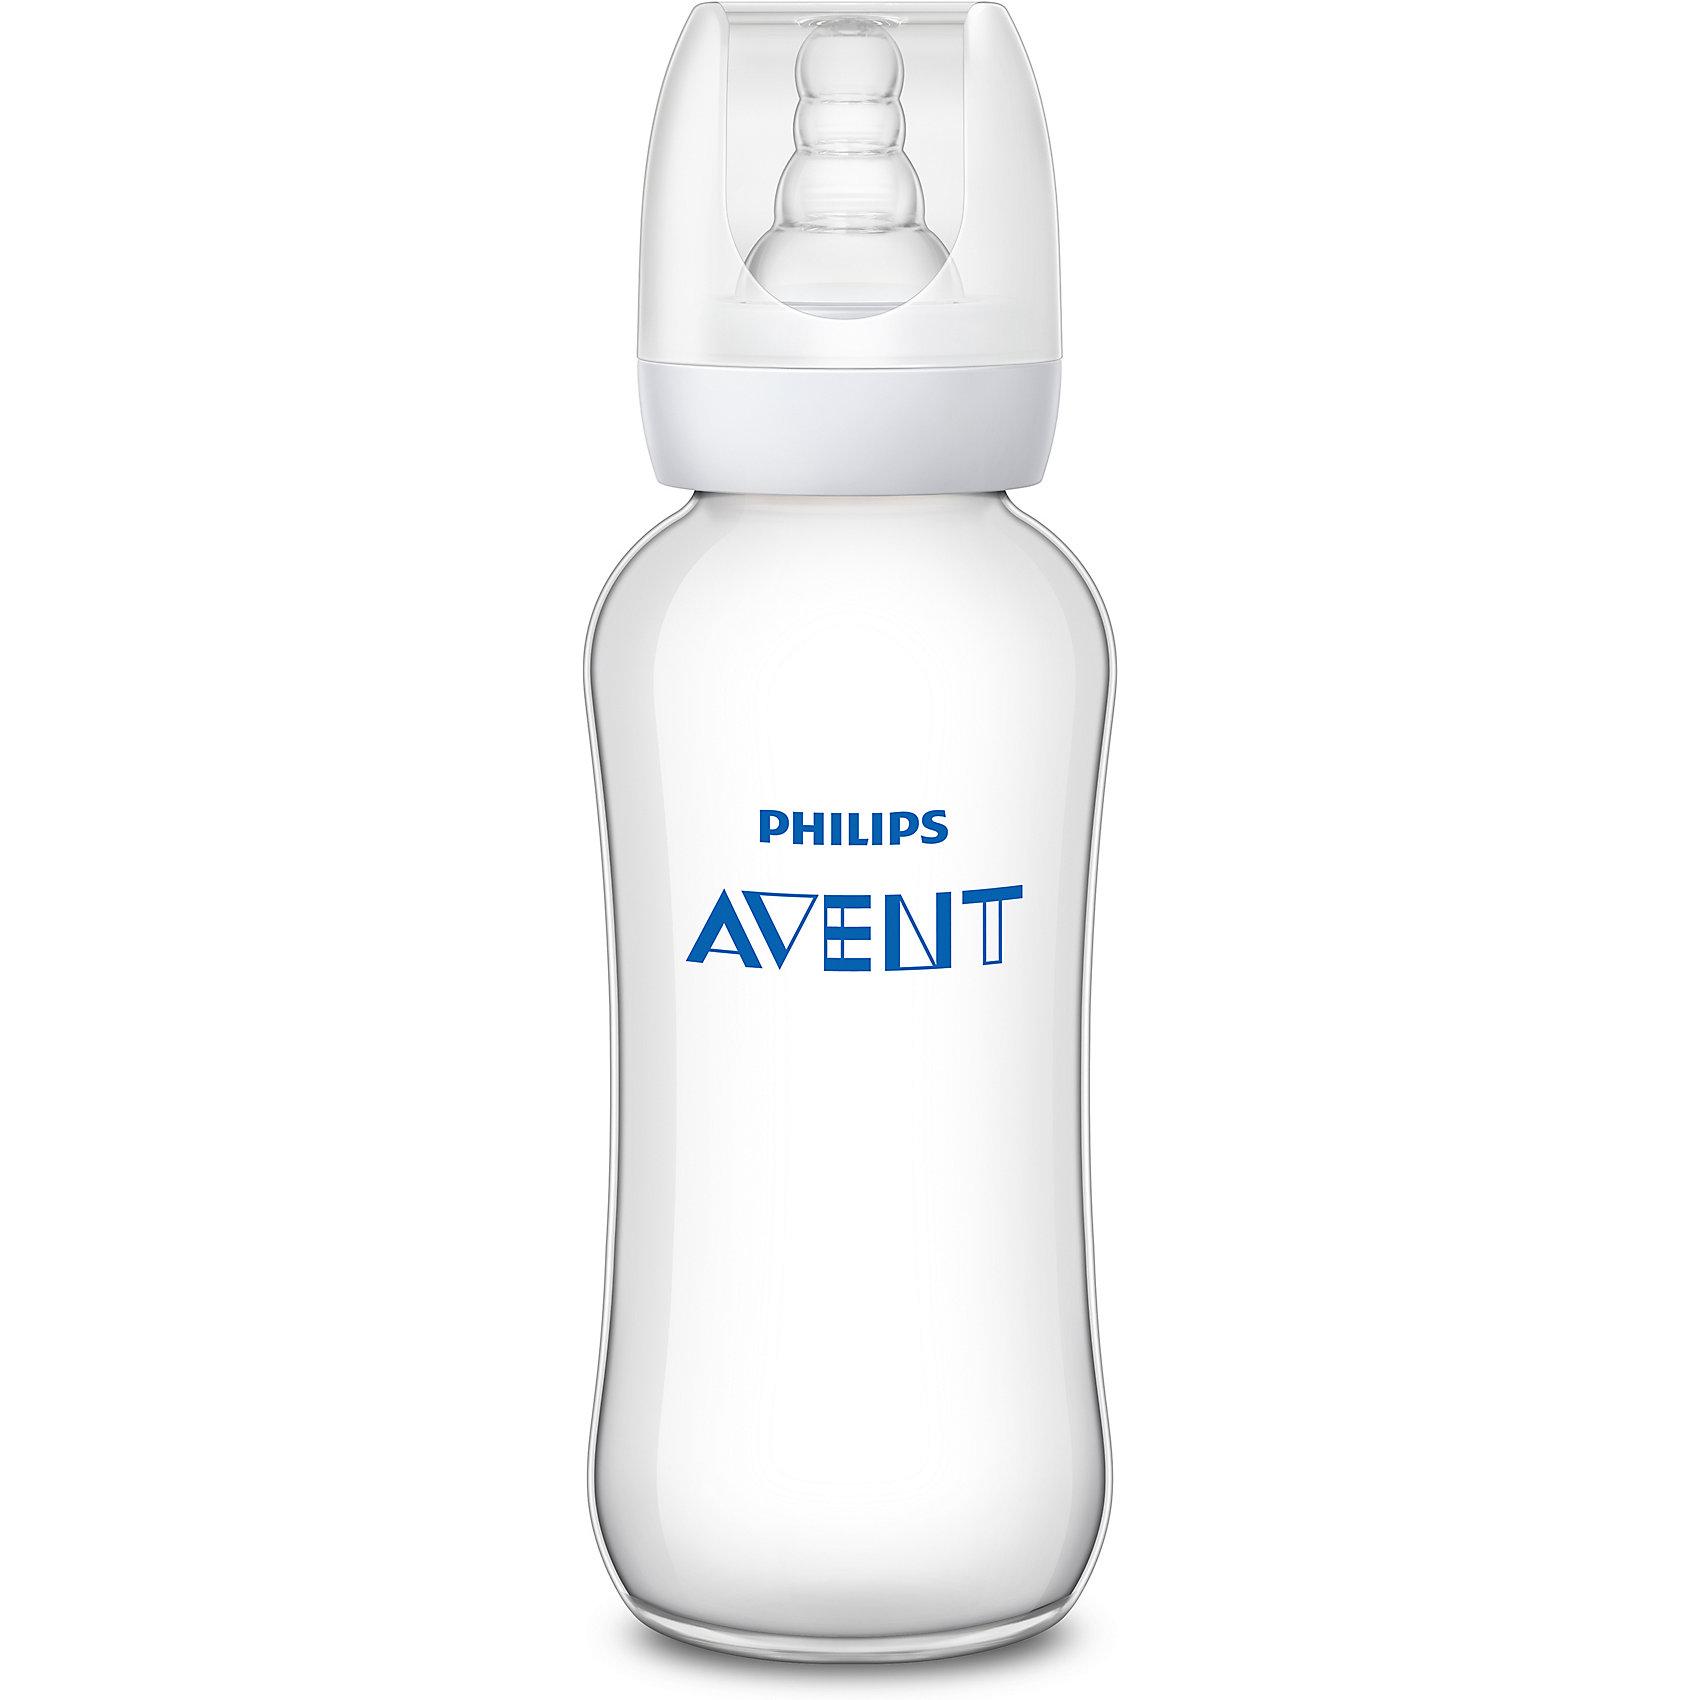 Бутылочка Standard 300 мл., 6 мес+, Philips Avent300 - 380 мл.<br>Philips Avent Standard - это очень удобная бутылочка с соской для кормления. <br><br>Особенности:<br>- Мягкая соска со специальными ребрами жесткости поможет малышу легко захватить соску.<br>- Антиколиковый клапан пропускает воздух в бутылочку, а не в живот ребенка.<br>- Бутылочка не протекает во время кормления.<br>- Бутылочка изготовлена из материала, не содержащего   бисфенол-А. (0% BPA). <br><br>Дополнительная информация: <br><br>- Возраст: с 6 месяцев.<br>- Объем: 300 мл.<br>- Материал: силикон, полипропилен.<br>- Размер упаковки: 6,4х6,4х20,6 см.<br>- Вес в упаковке: 72 г.<br><br>Купить бутылочку Standard от Philips Avent, можно в нашем магазине.<br><br>Ширина мм: 64<br>Глубина мм: 64<br>Высота мм: 206<br>Вес г: 72<br>Возраст от месяцев: 6<br>Возраст до месяцев: 2147483647<br>Пол: Унисекс<br>Возраст: Детский<br>SKU: 4880869